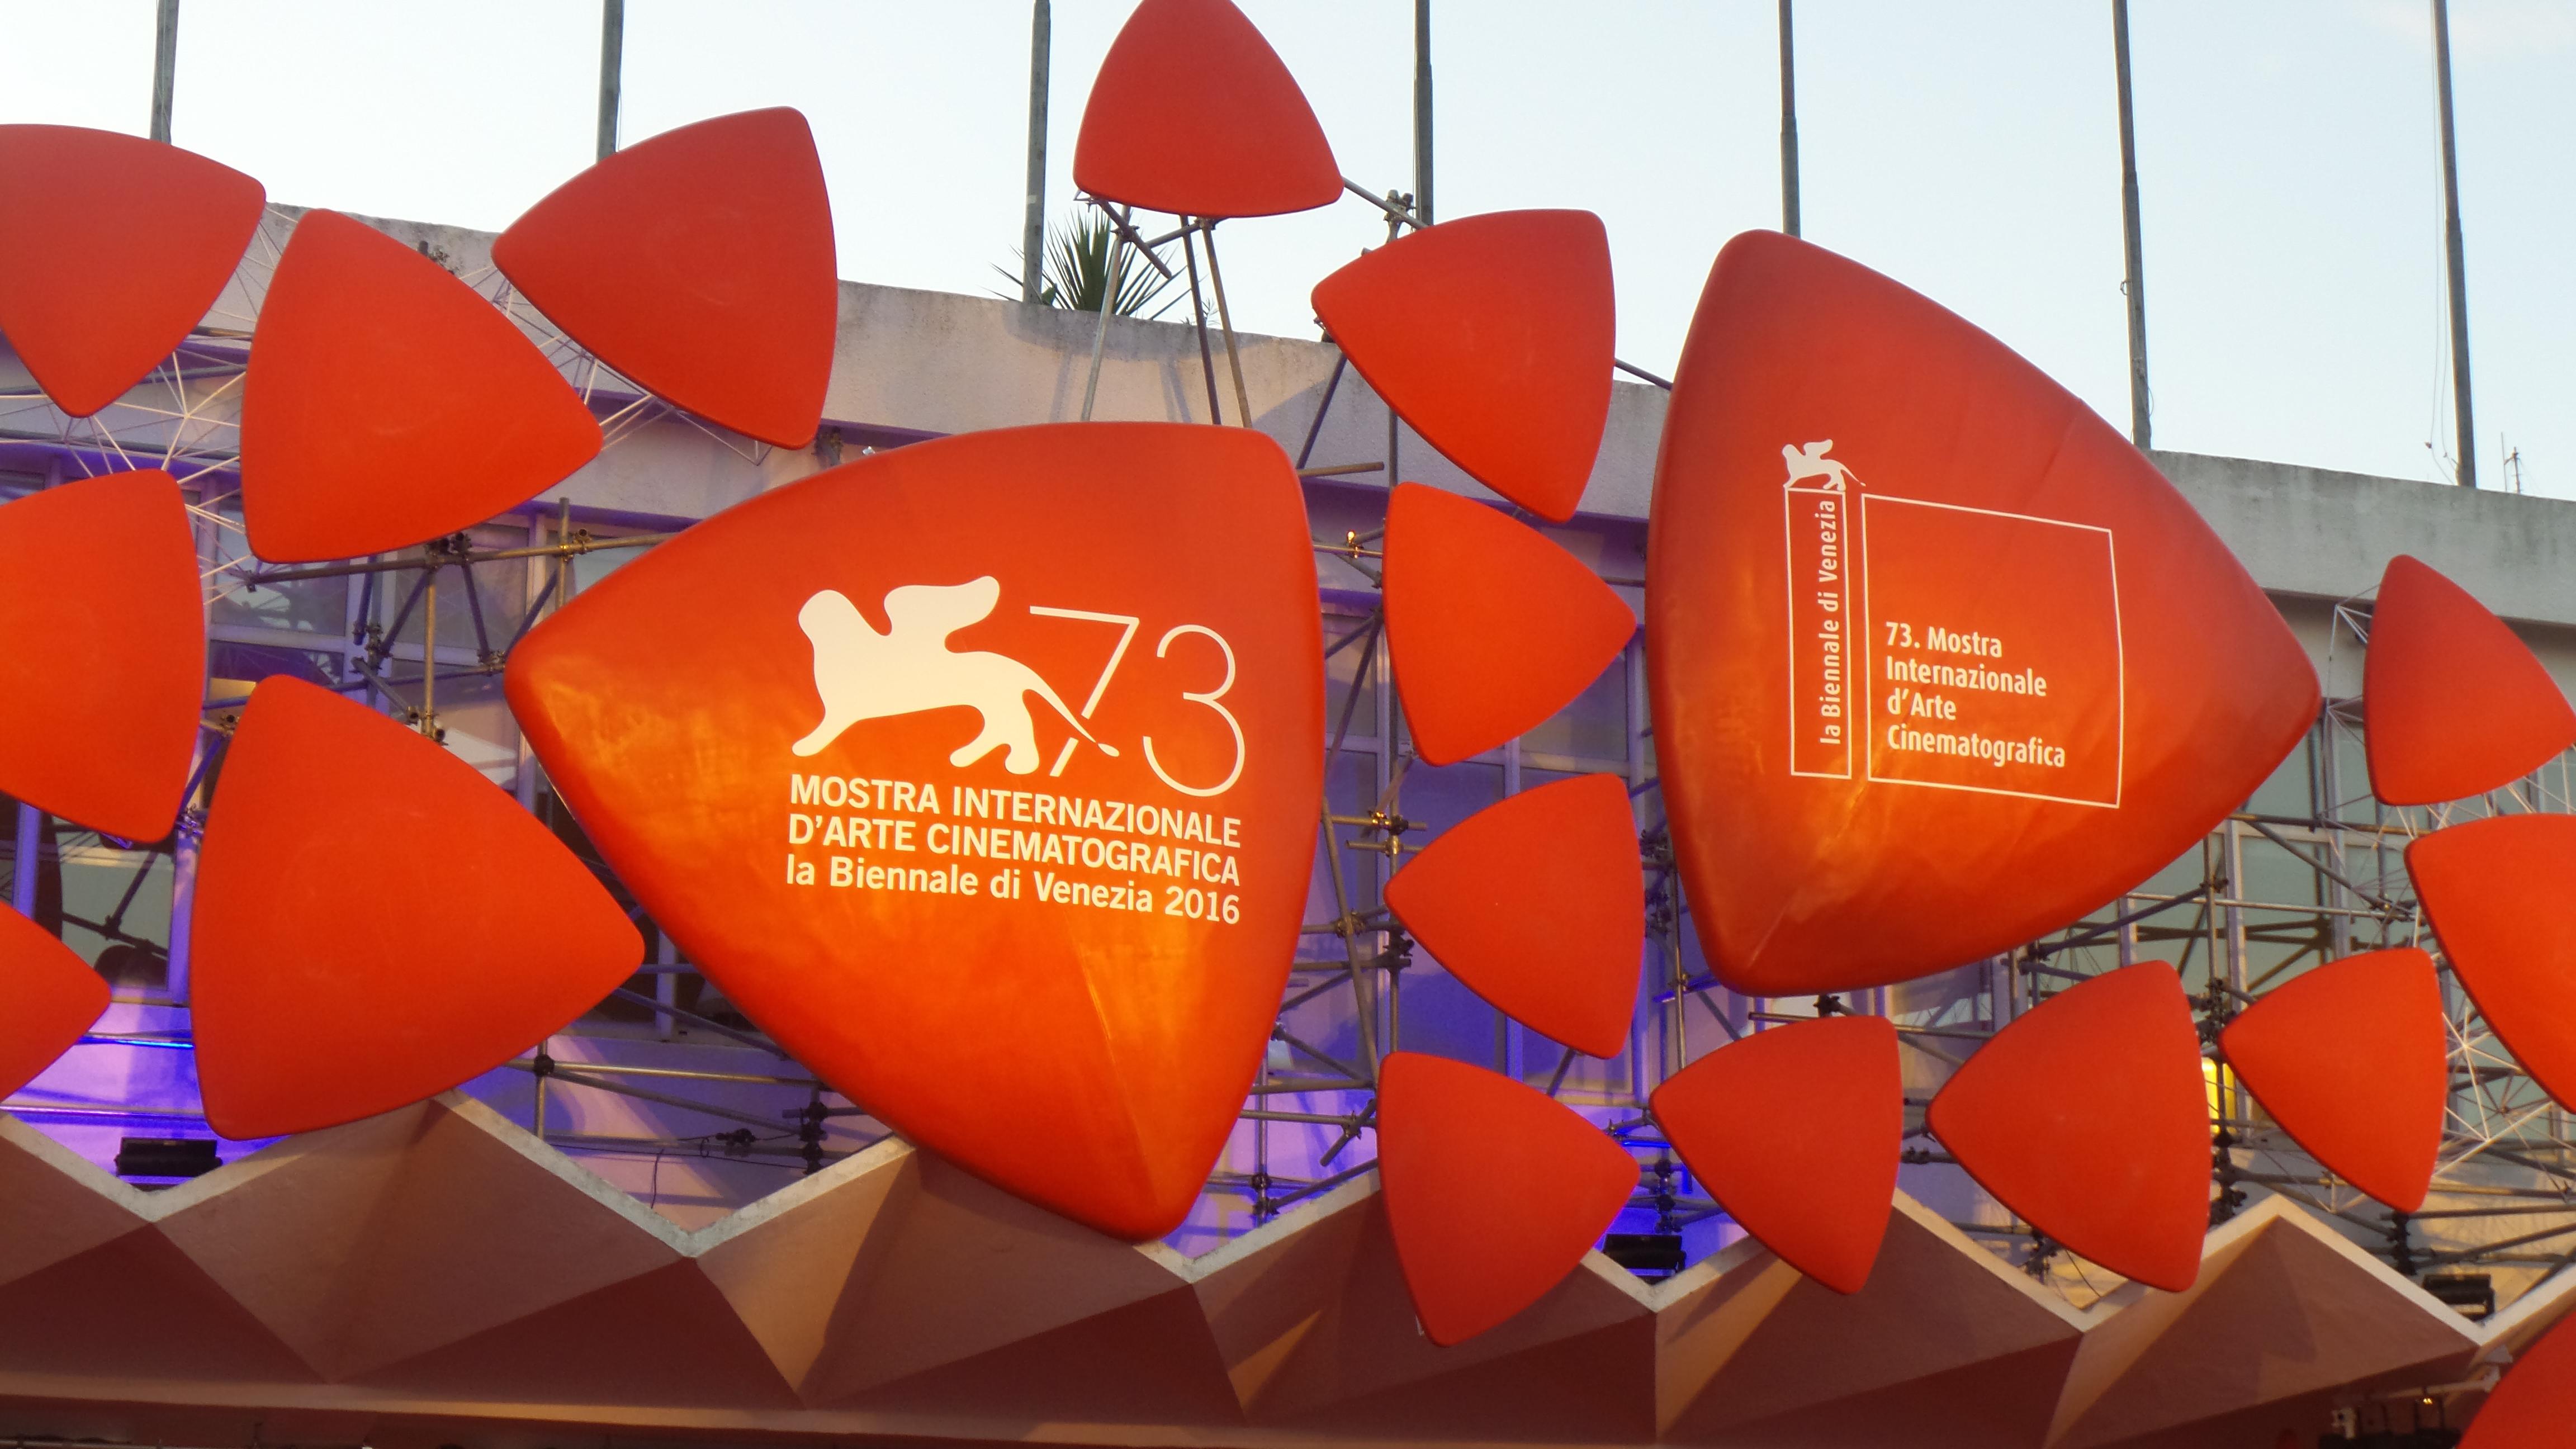 Amici di Mondospettacolo, vi ricordiamo che tutto ciò che riguarda la73a Mostra del Cinema di Venezia potrete trovarlo sulla nostra pagina Facebook: https://www.facebook.com/mondospettacolosocial Ci saranno recensioni, conferenze stampa, interviste, dirette […]